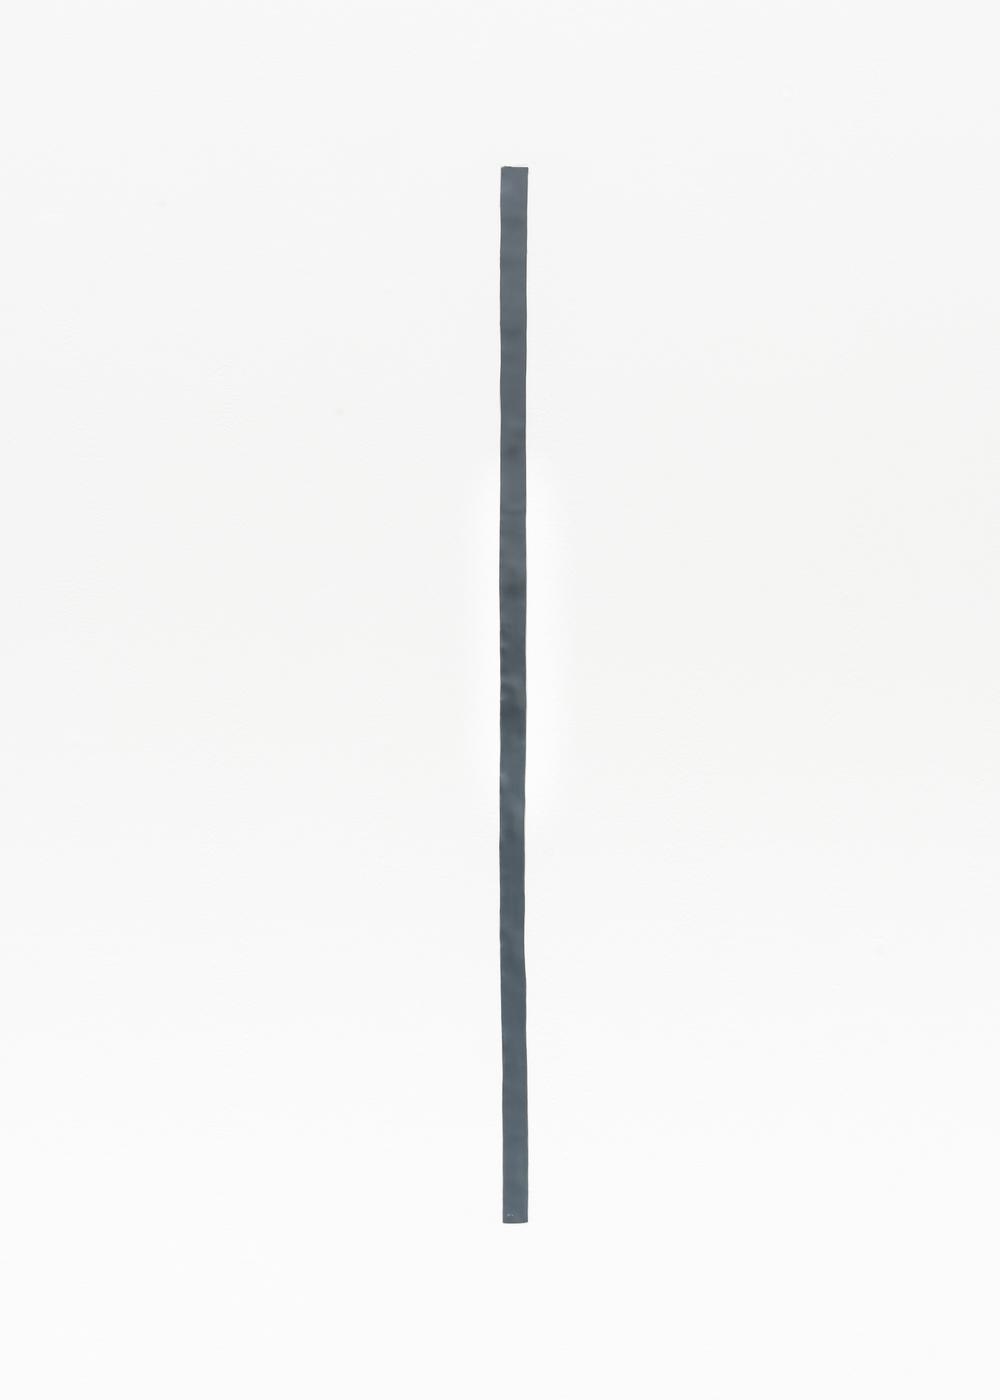 Nancy Brooks Brody  43 inch Measure  2014 Oil enamel on lead embedded into wall 43h x 1w in NBB001